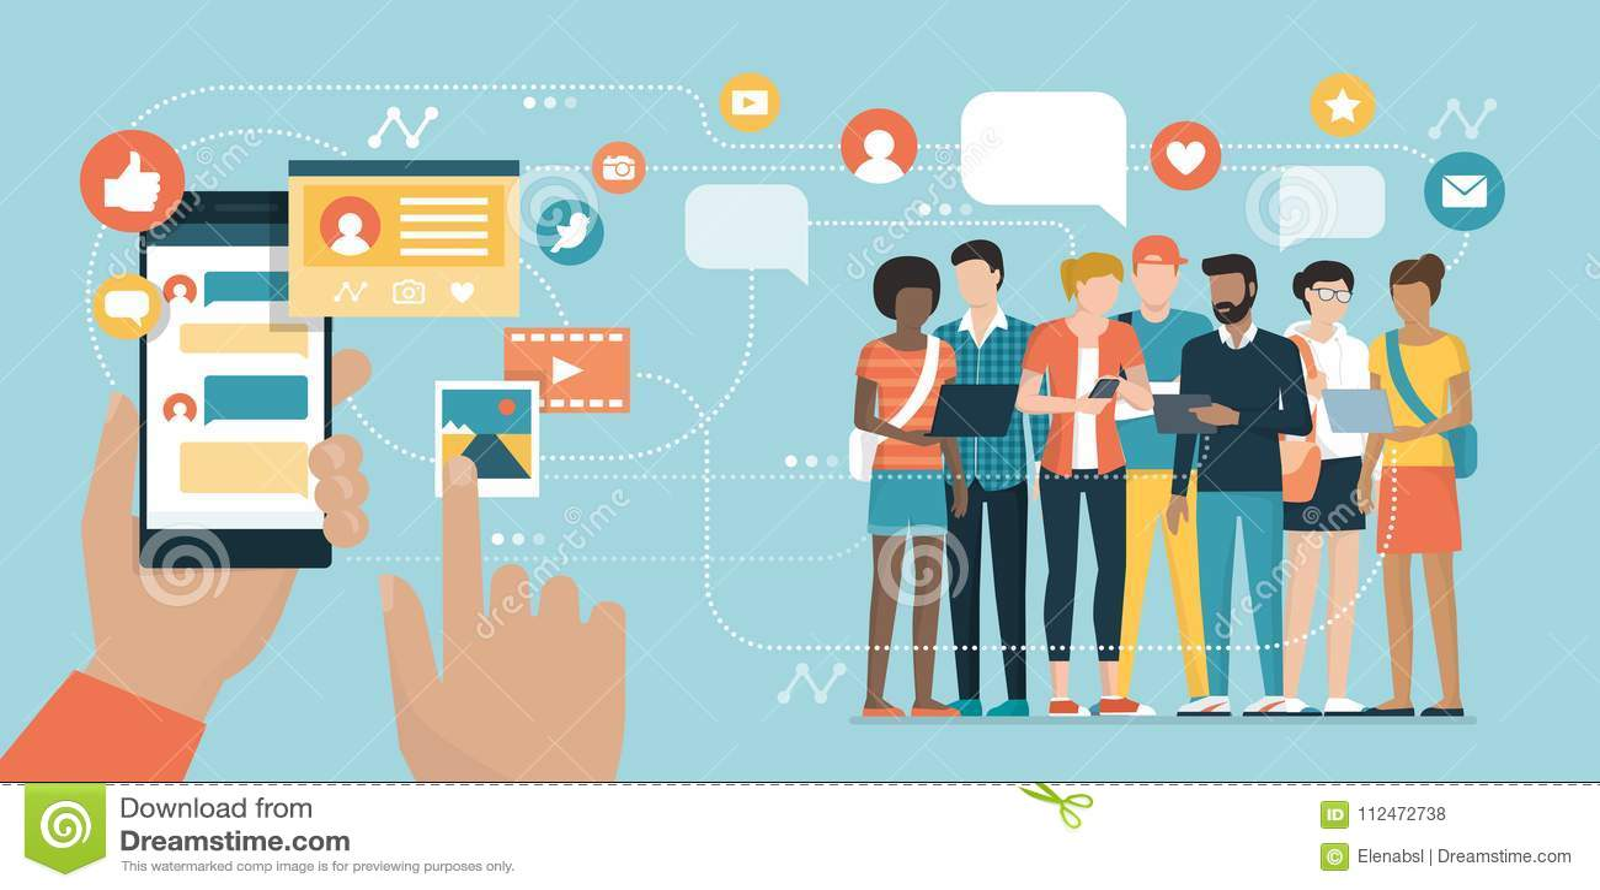 Het sociale netwerk Momo is marktleider in het Aziatische land waarbij.